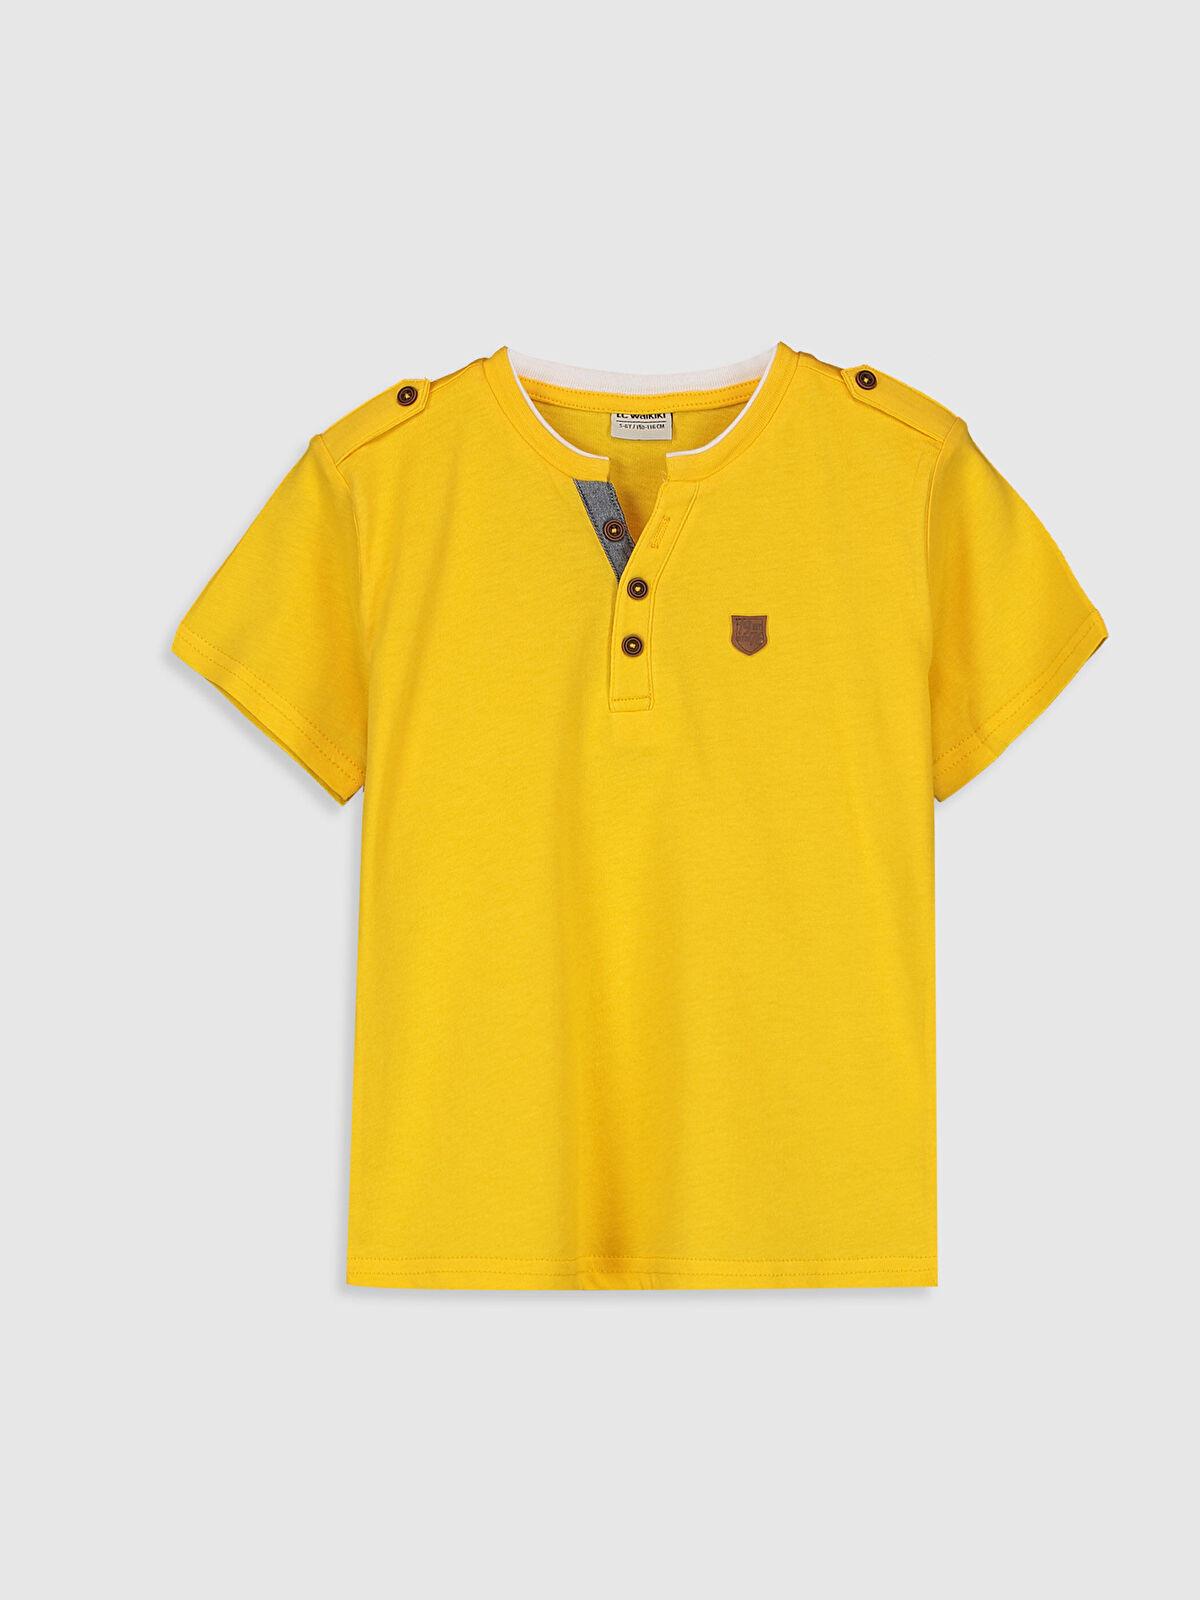 Erkek Çocuk Kısa Kollu Basic Tişört - LC WAIKIKI